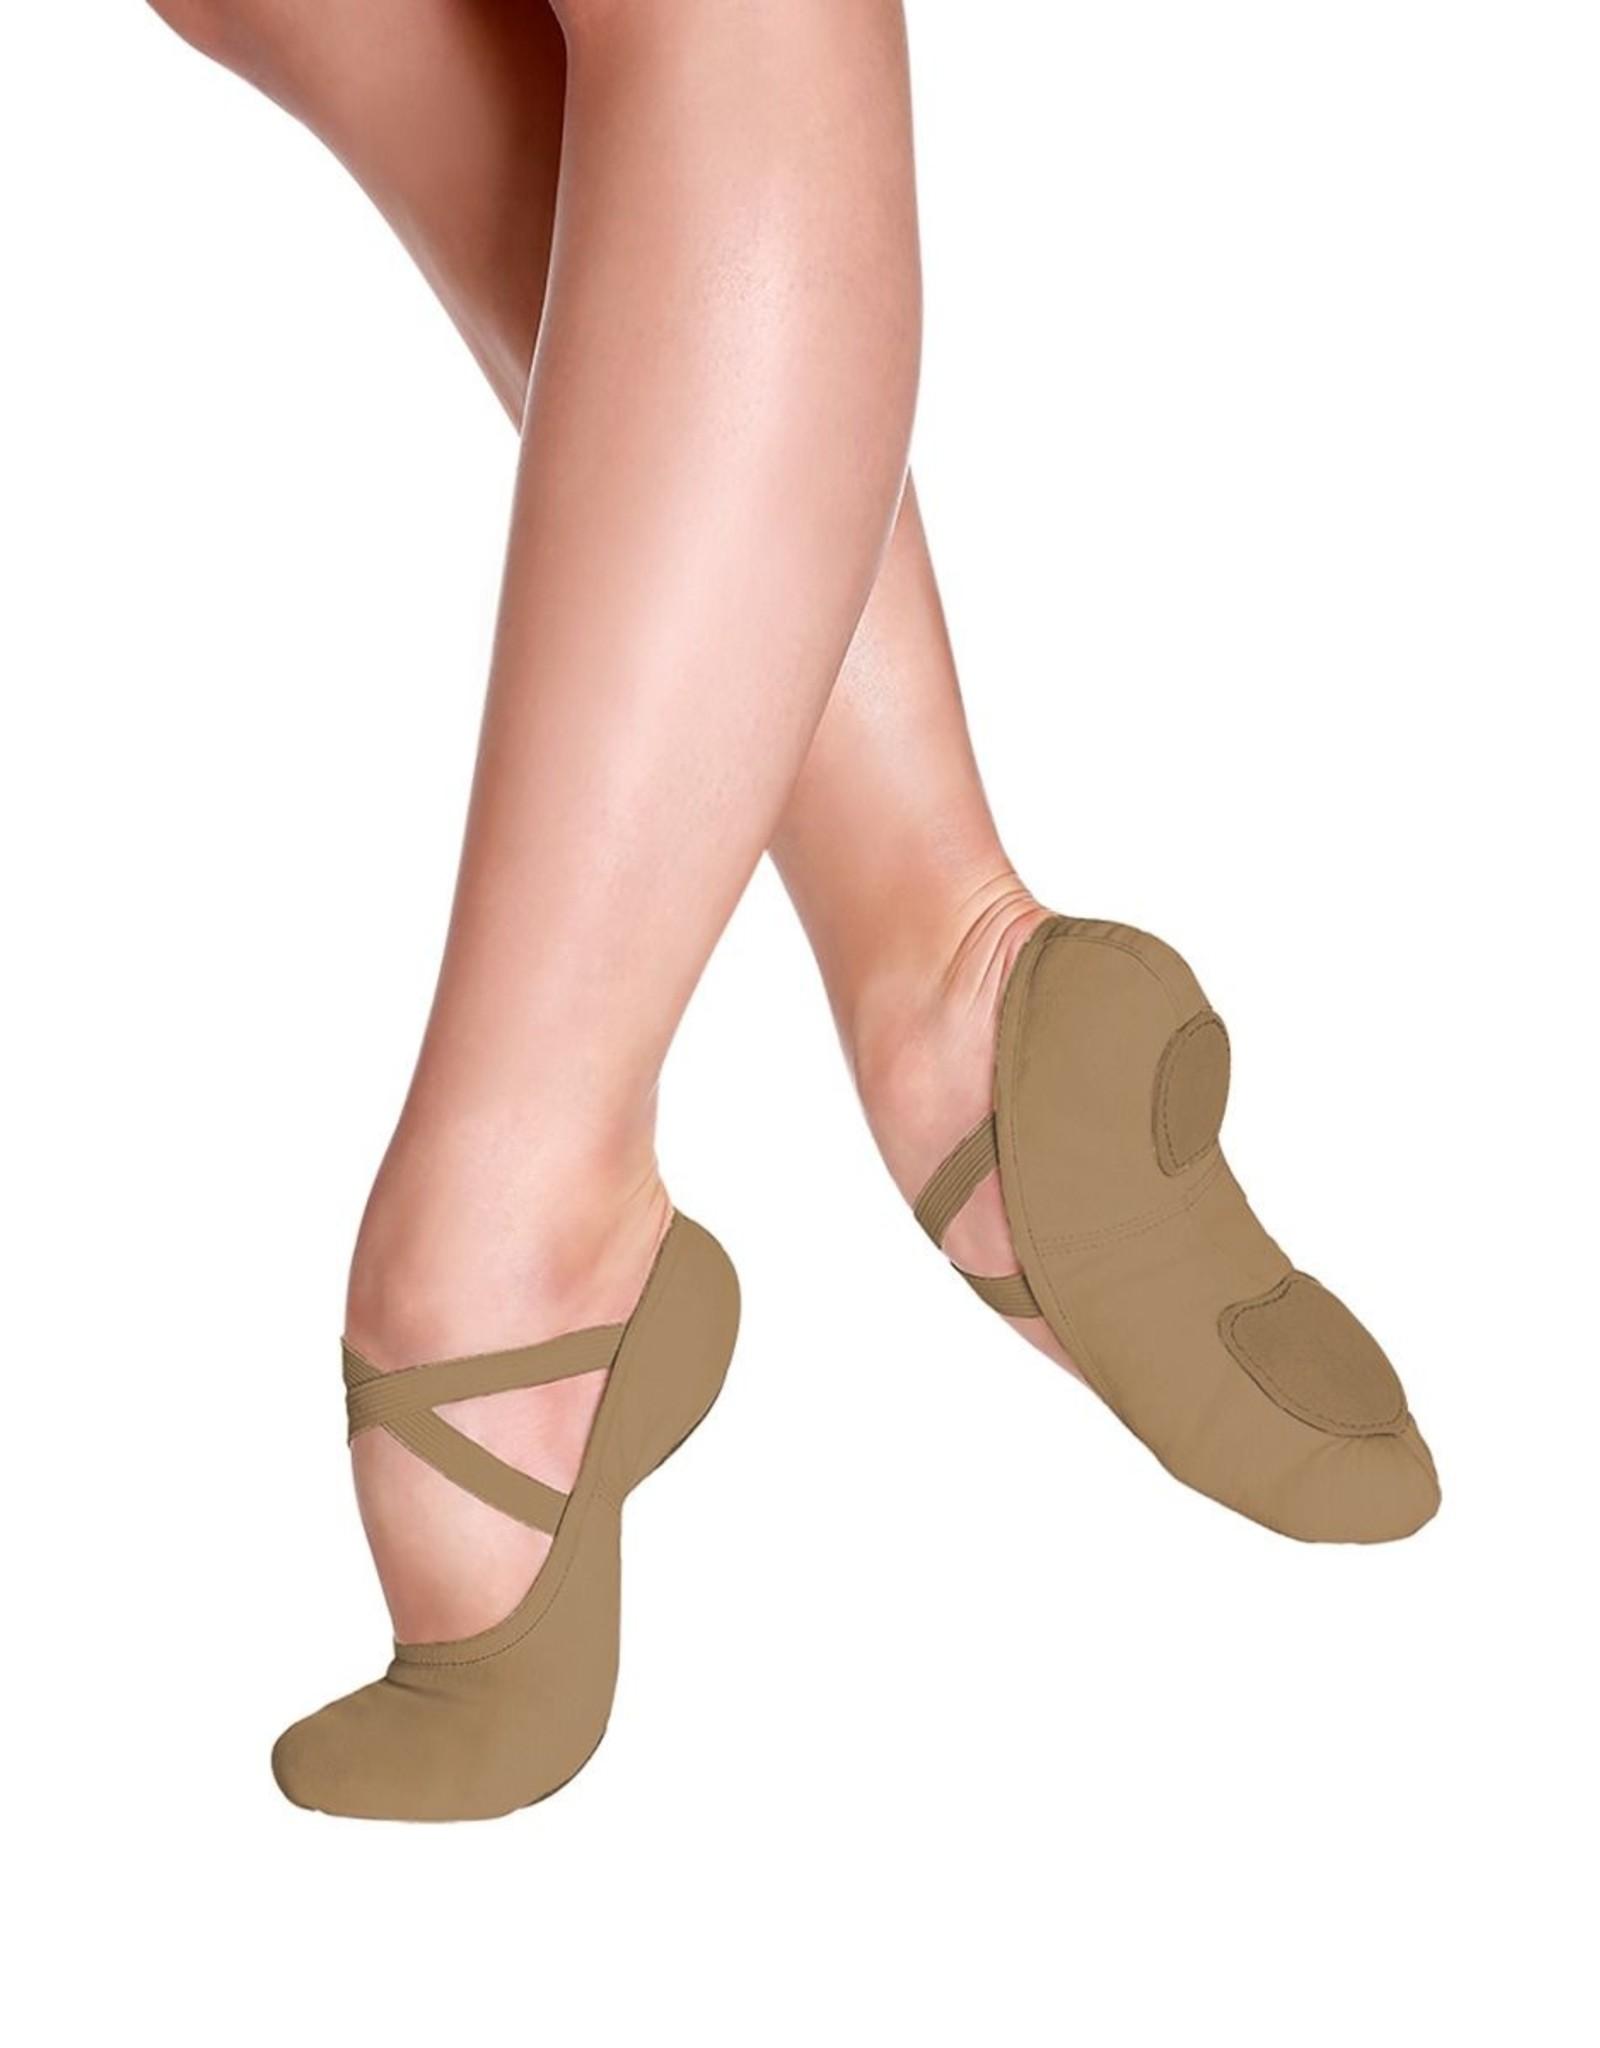 SoDanća SD16 Split Sole Canvas Ballet Shoe SUNTAN